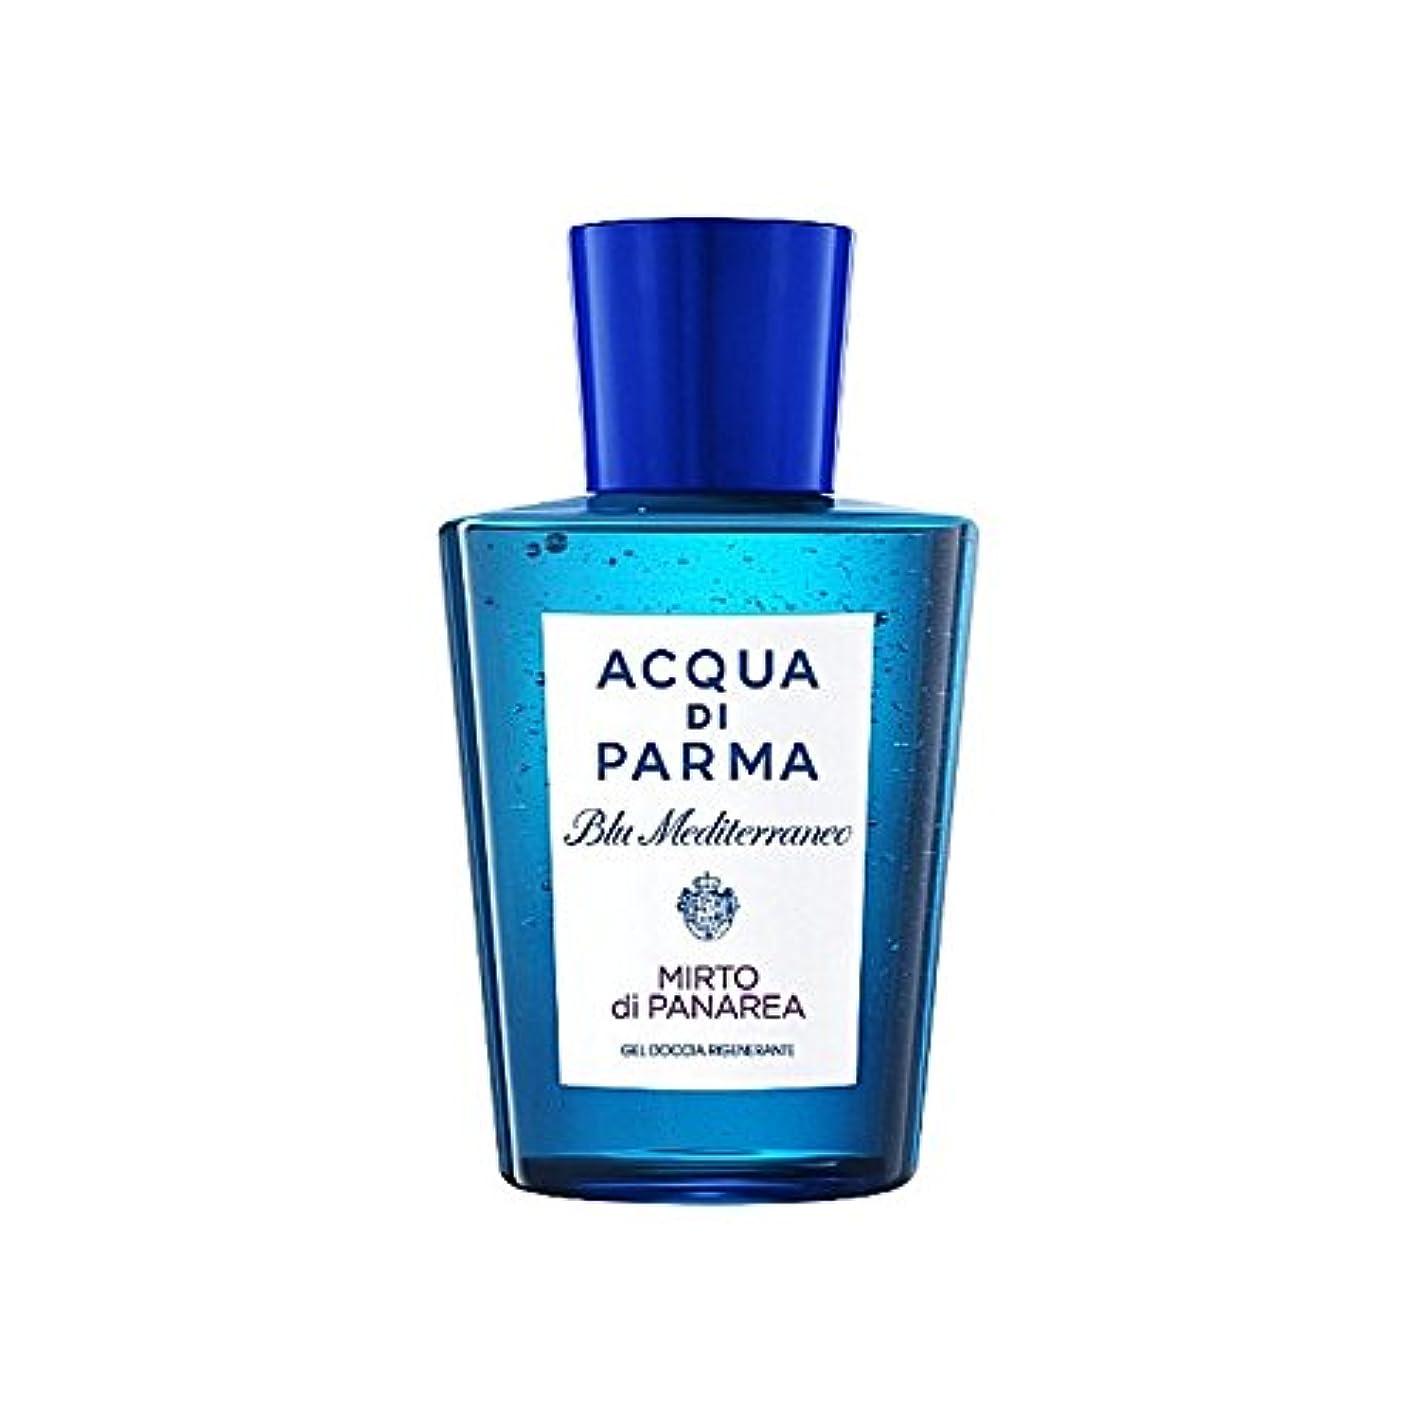 上院代表するバトルAcqua Di Parma Blu Mediterraneo Mirto Di Panarea Shower Gel 200ml - アクアディパルマブルーメディミルトディパナレアシャワージェル200 [並行輸入品]